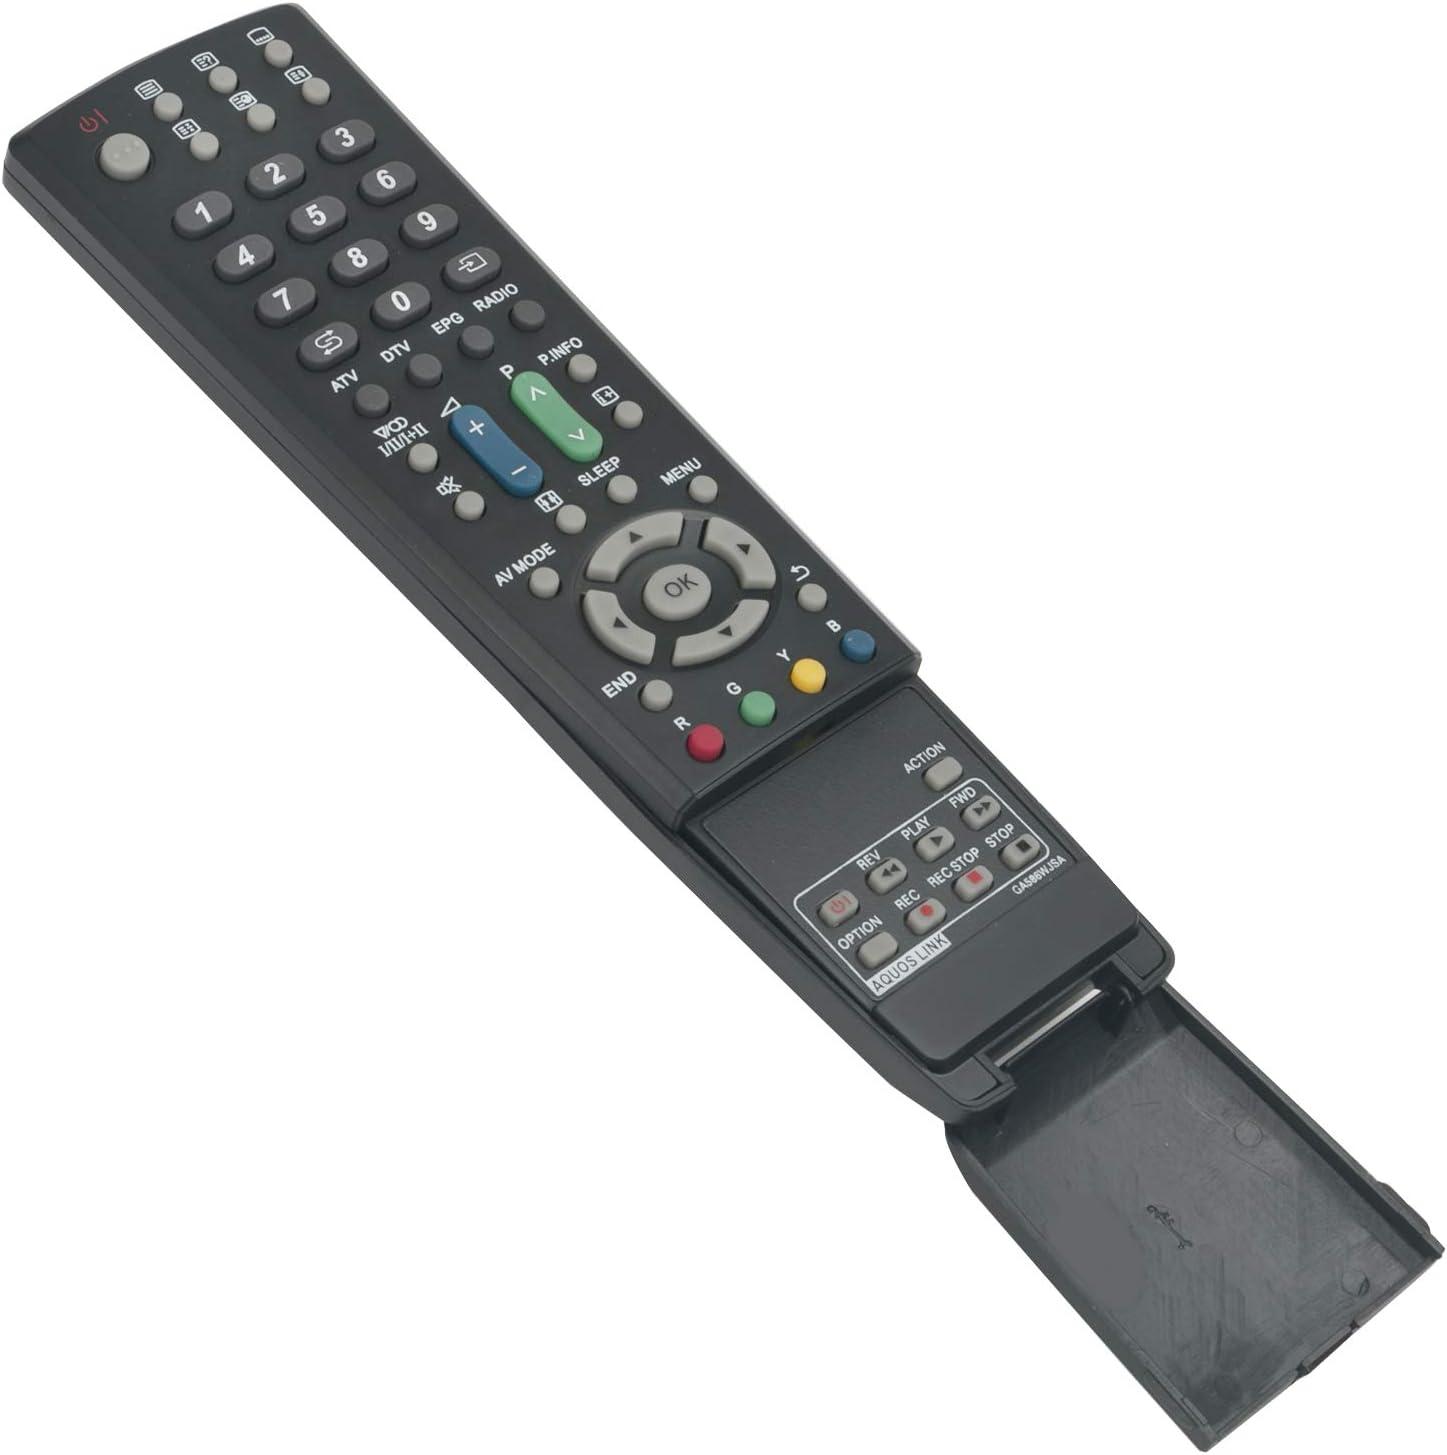 ALLIMITY GA586WJSA Control Remoto reemplazado por Sharp LCD AQUOS TV LC-32D653E LC-32D65E LC-32DH66E LC-32DH77E LC-32LE700E LC-32LE705E LC-32LX705E LC-32X20E LC-37D653E LC-37D65E LC-42X20E: Amazon.es: Electrónica